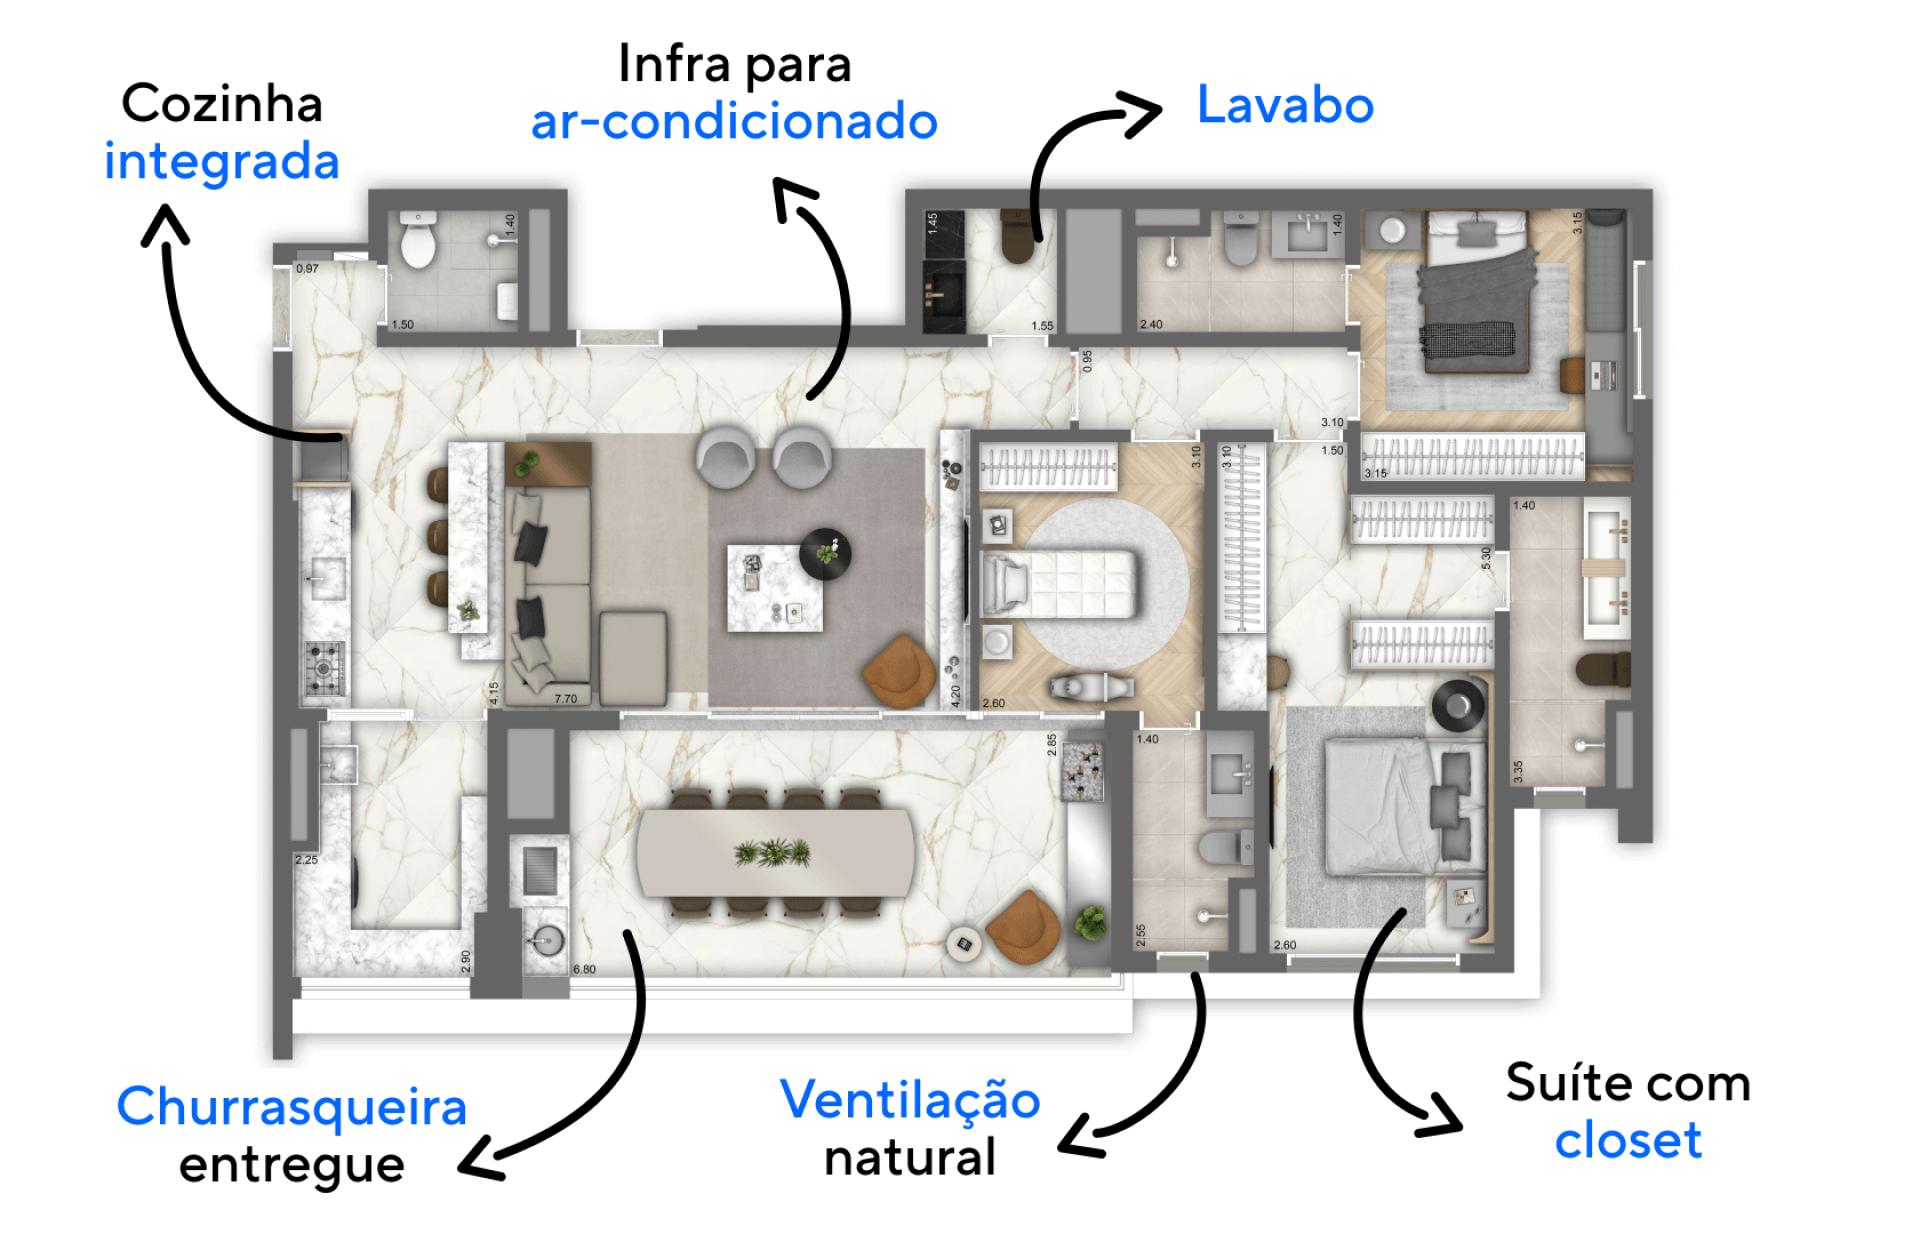 131 M² - 3 SUÍTES. Apartamentos na Vila Mariana, com opção de cozinha aberta integrada ao living. Destaque para o living com boca de sala com mais de 6 metros.